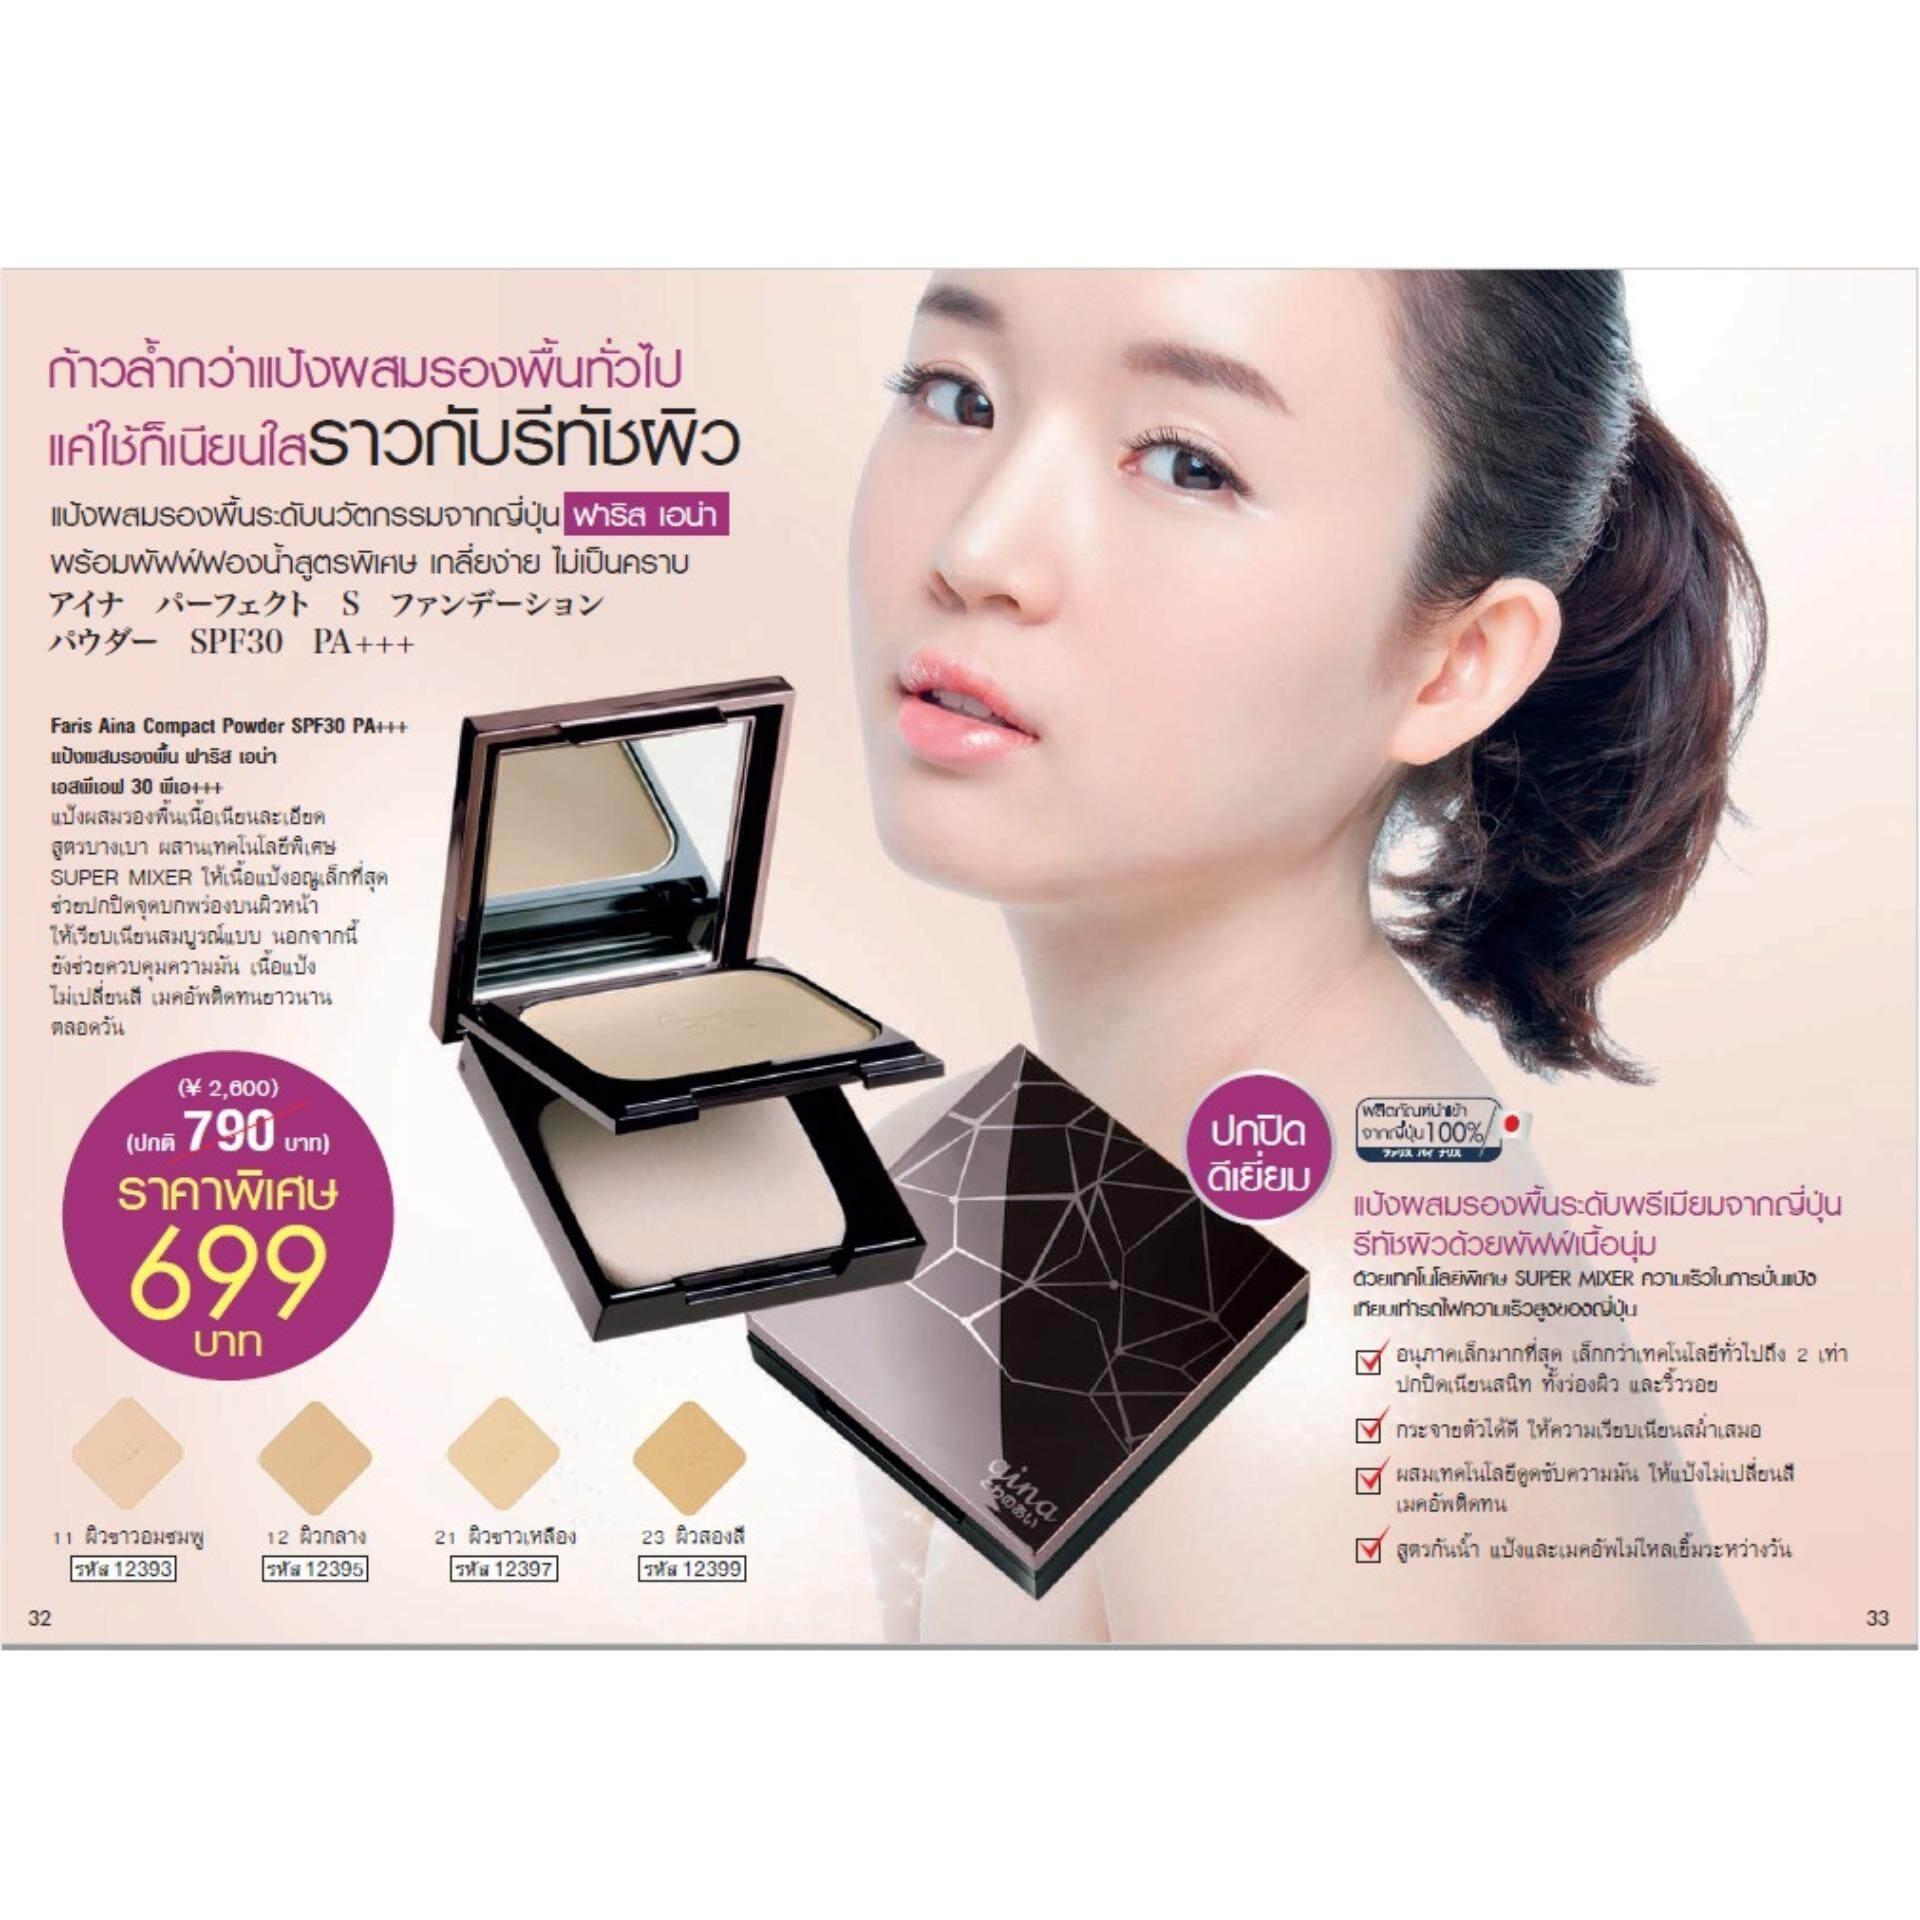 ขาย ปกปิดเนียนเรียบ แบรนด์ดังจากญี่ปุ่น Faris Aina Perfect Skin Foundation Powder Spf30Pa 10 G 1 ตลับ No 21 สำหรับผิวขาวเหลือง Faris ใน กรุงเทพมหานคร